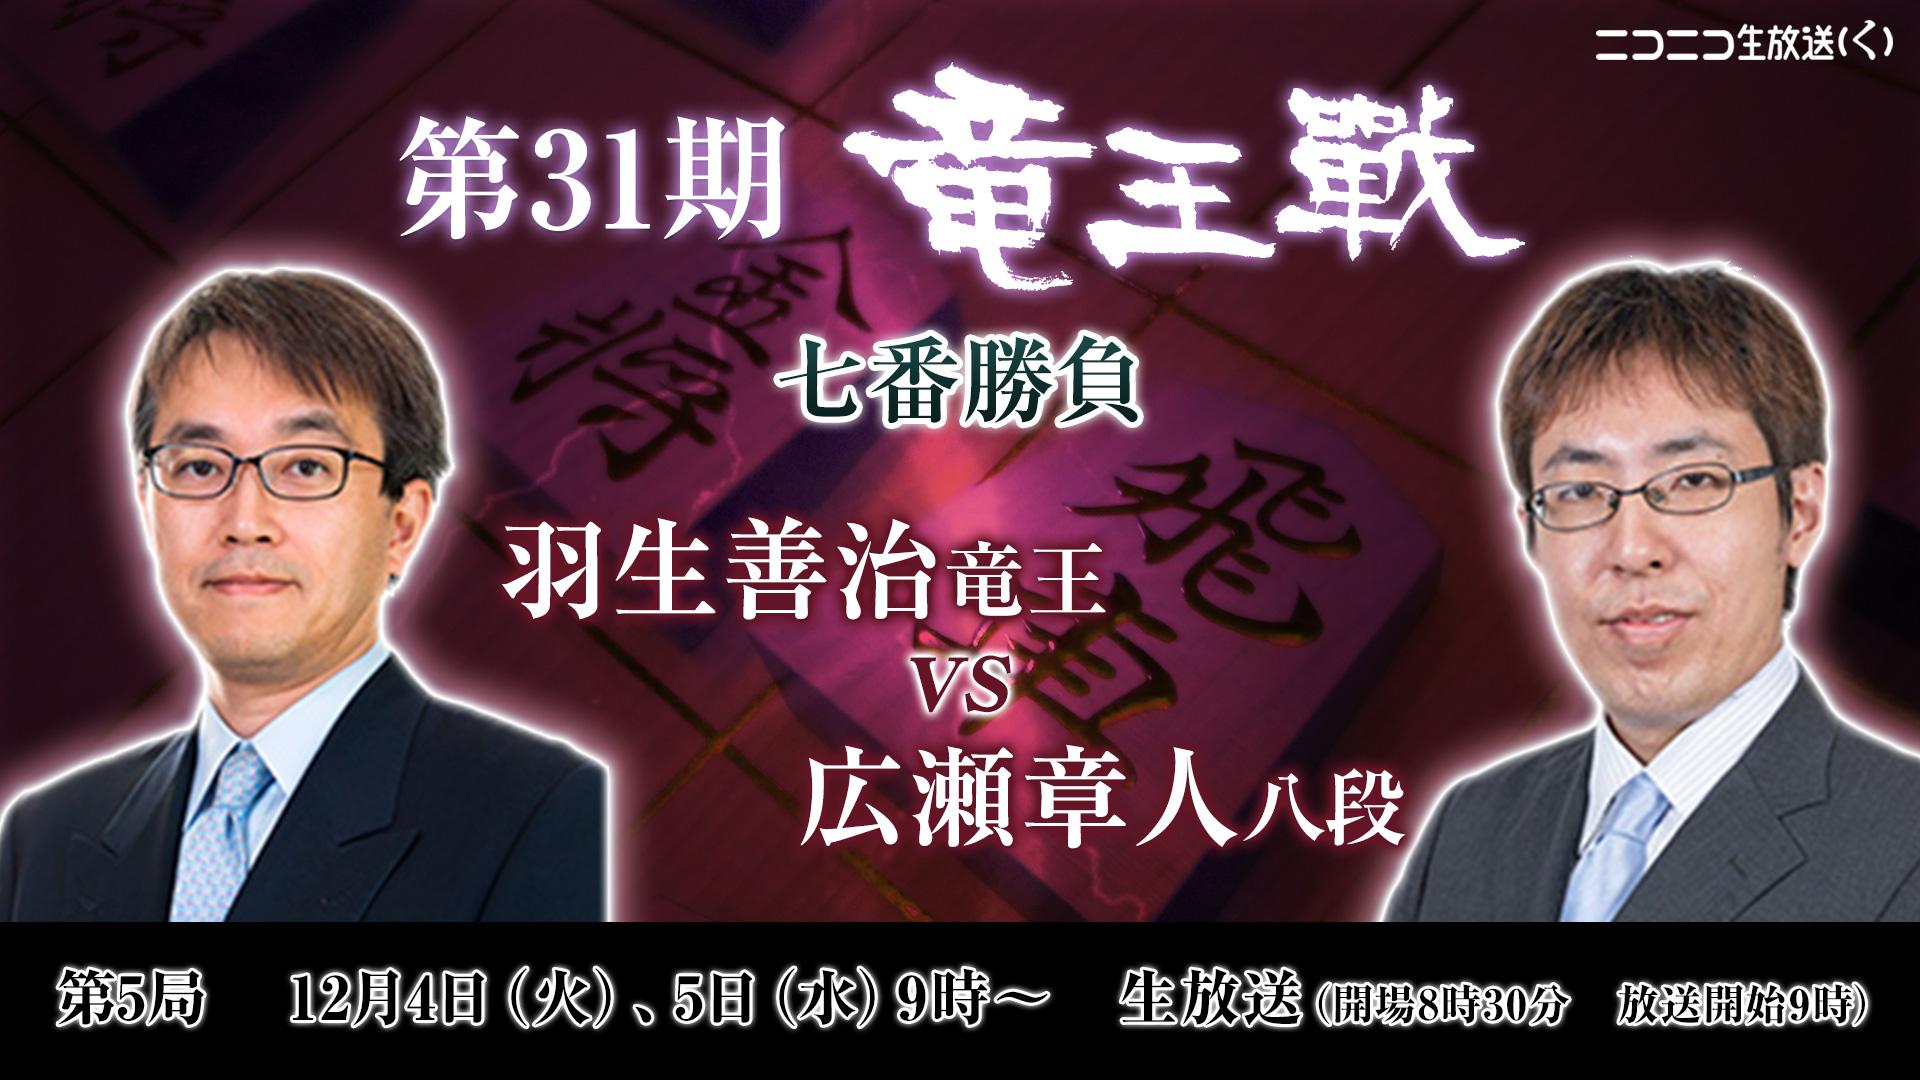 将棋 第31期竜王戦 第6局 羽生竜王vs広瀬八段|ニコニコインフォ